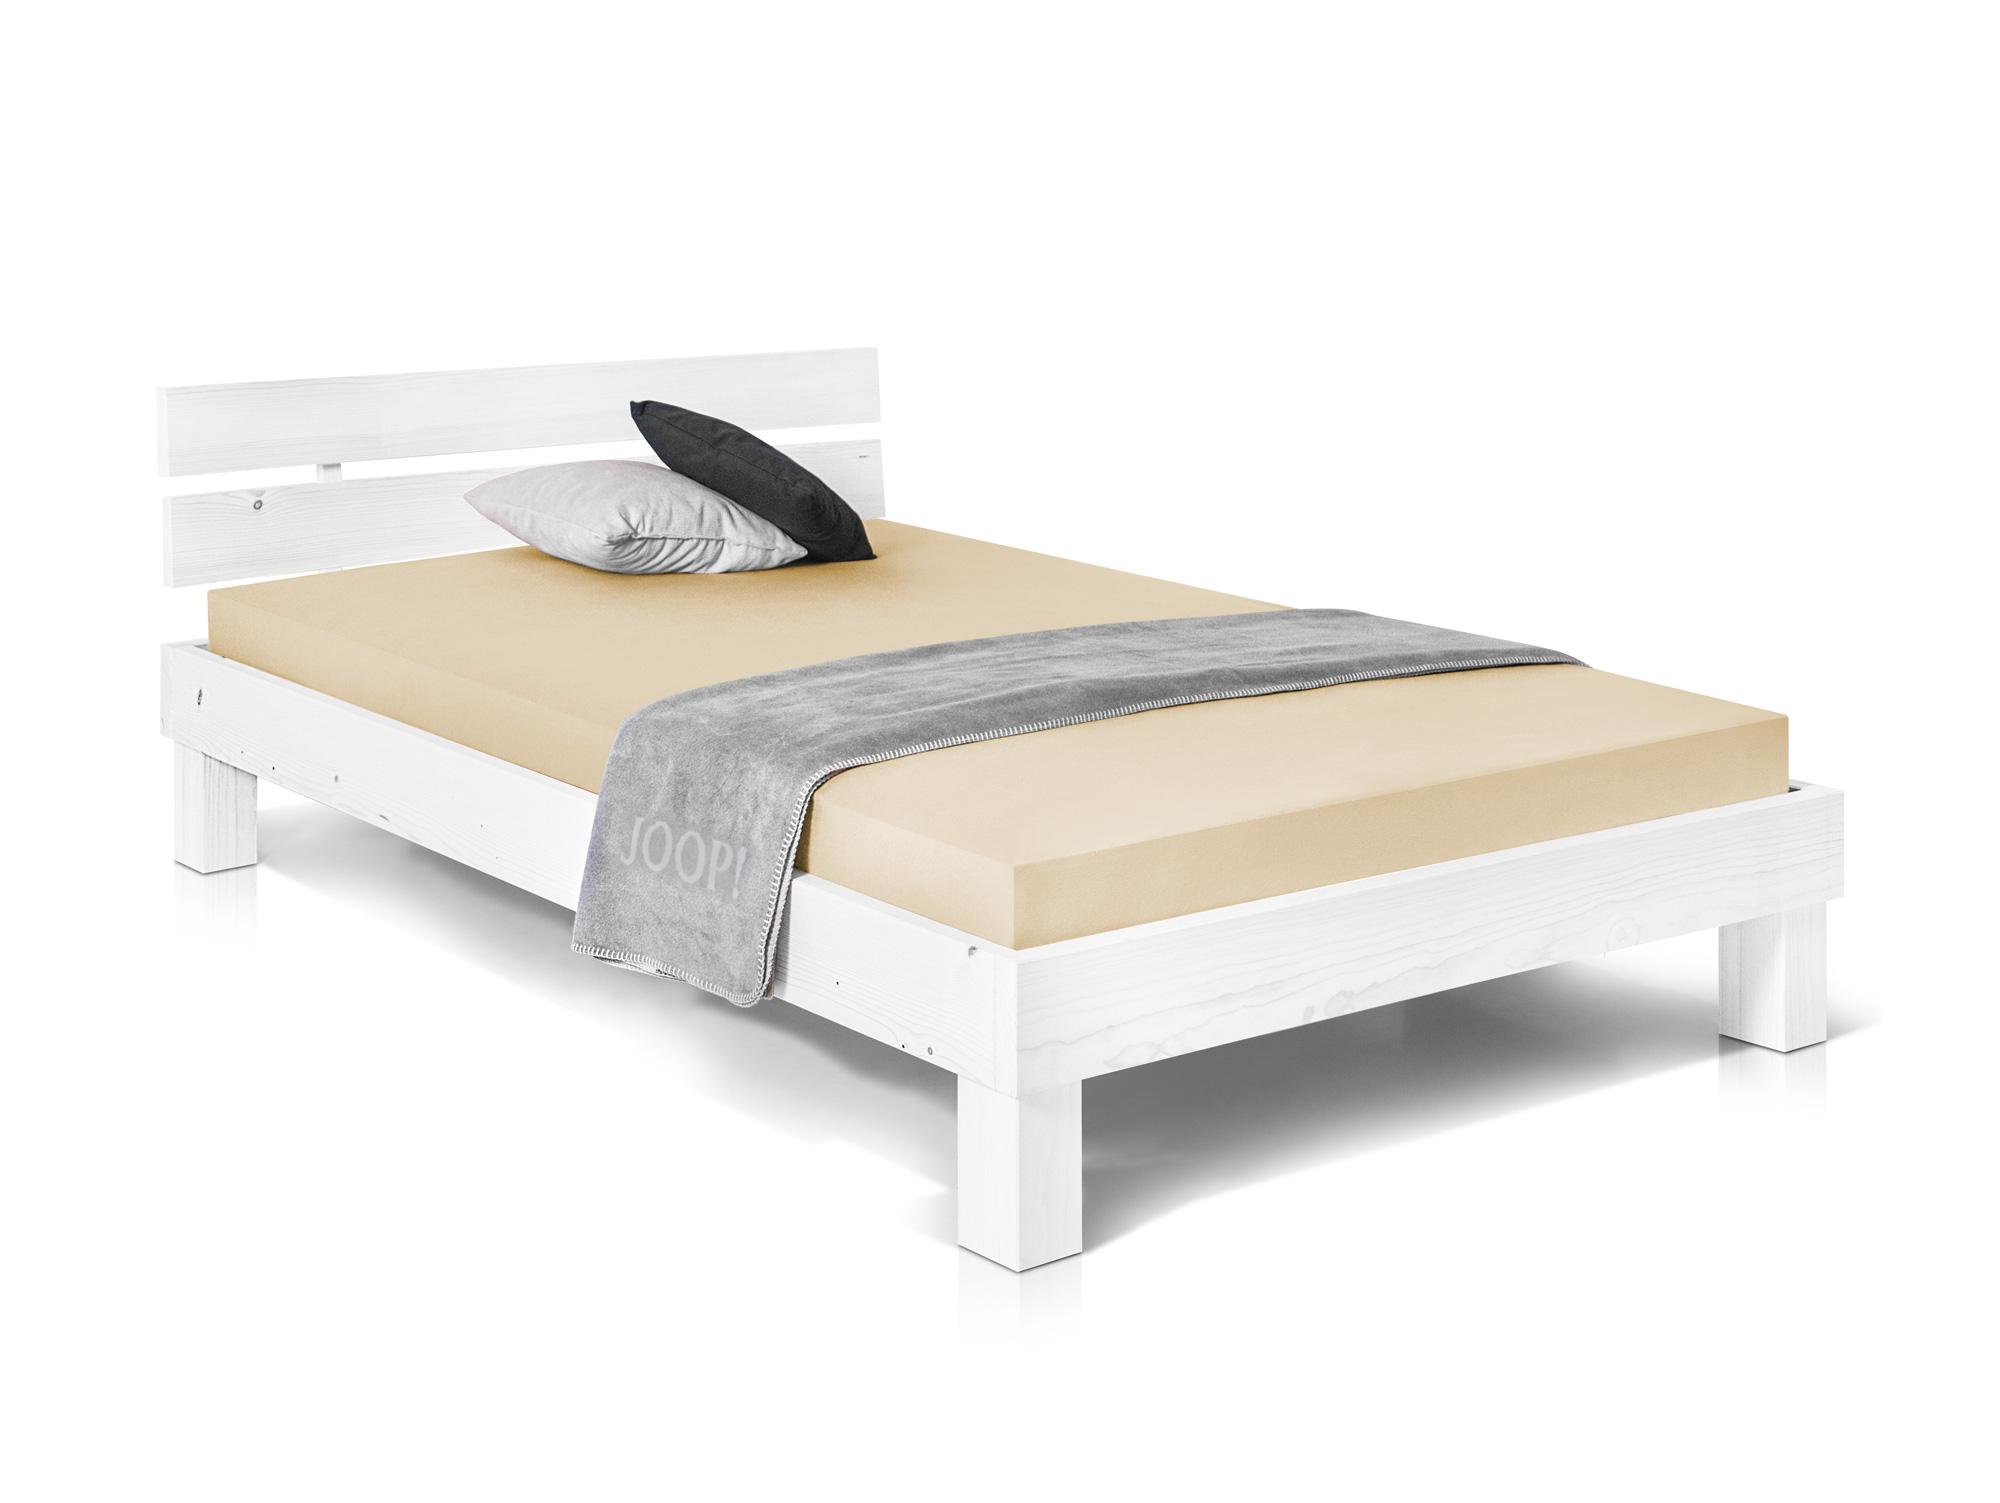 Full Size of Pumba Singlebett Bett Futonbett 140x200 Fichte Massiv Wei Weiss Amazon Betten 180x200 Weiß Liegehöhe 60 Cm Mit Bettkasten Günstig Kaufen Aufbewahrung Bett Bett 1 40x2 00